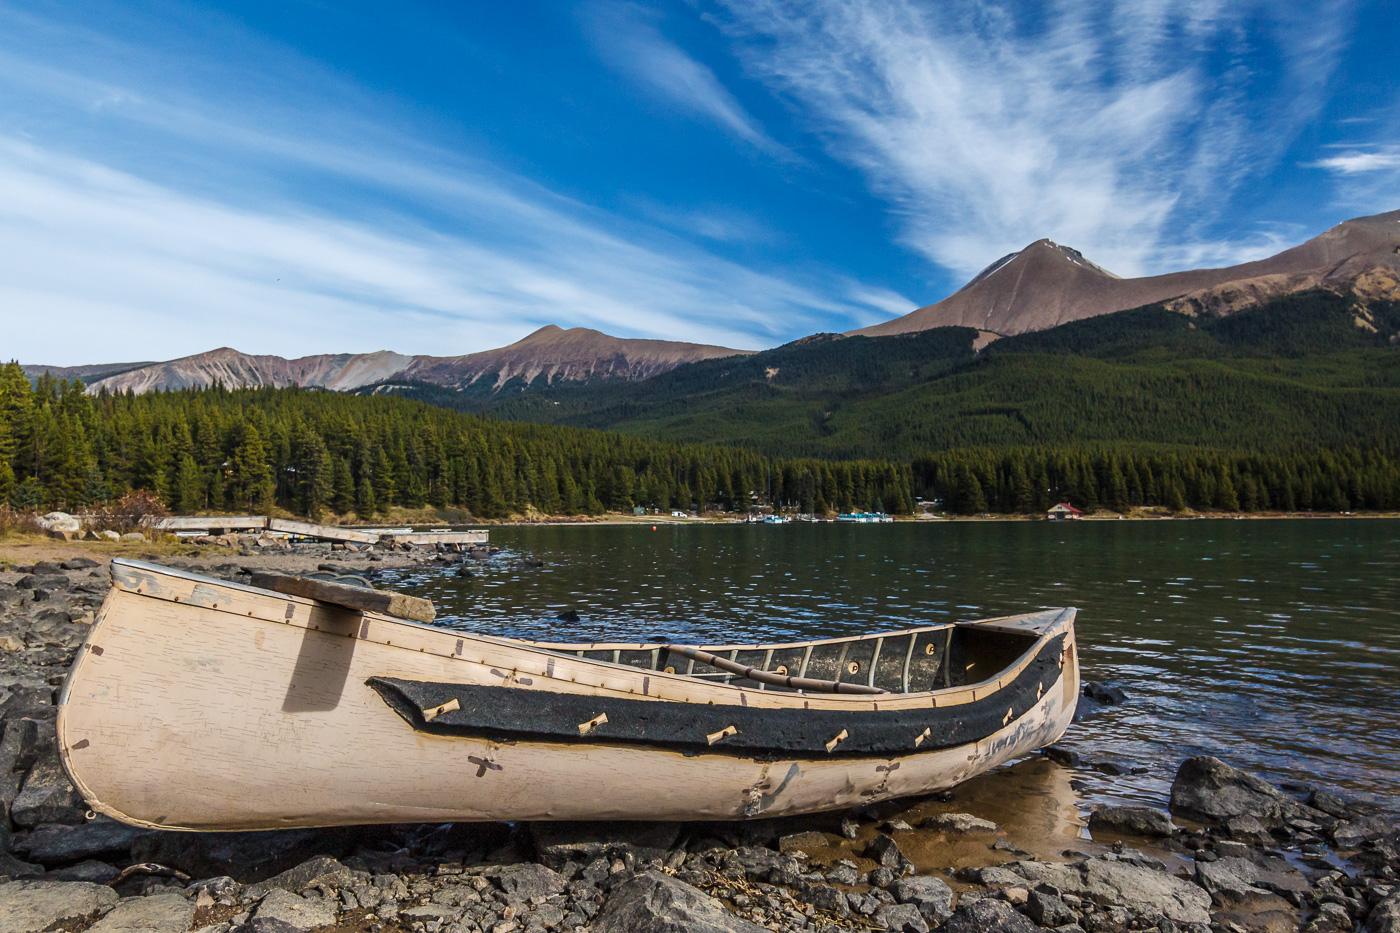 Medicine lake composition - Paisatges de Nord-Amèrica - Raül Carmona - Fotografia, Fotografia d'estudi, esdeveniments i Natura